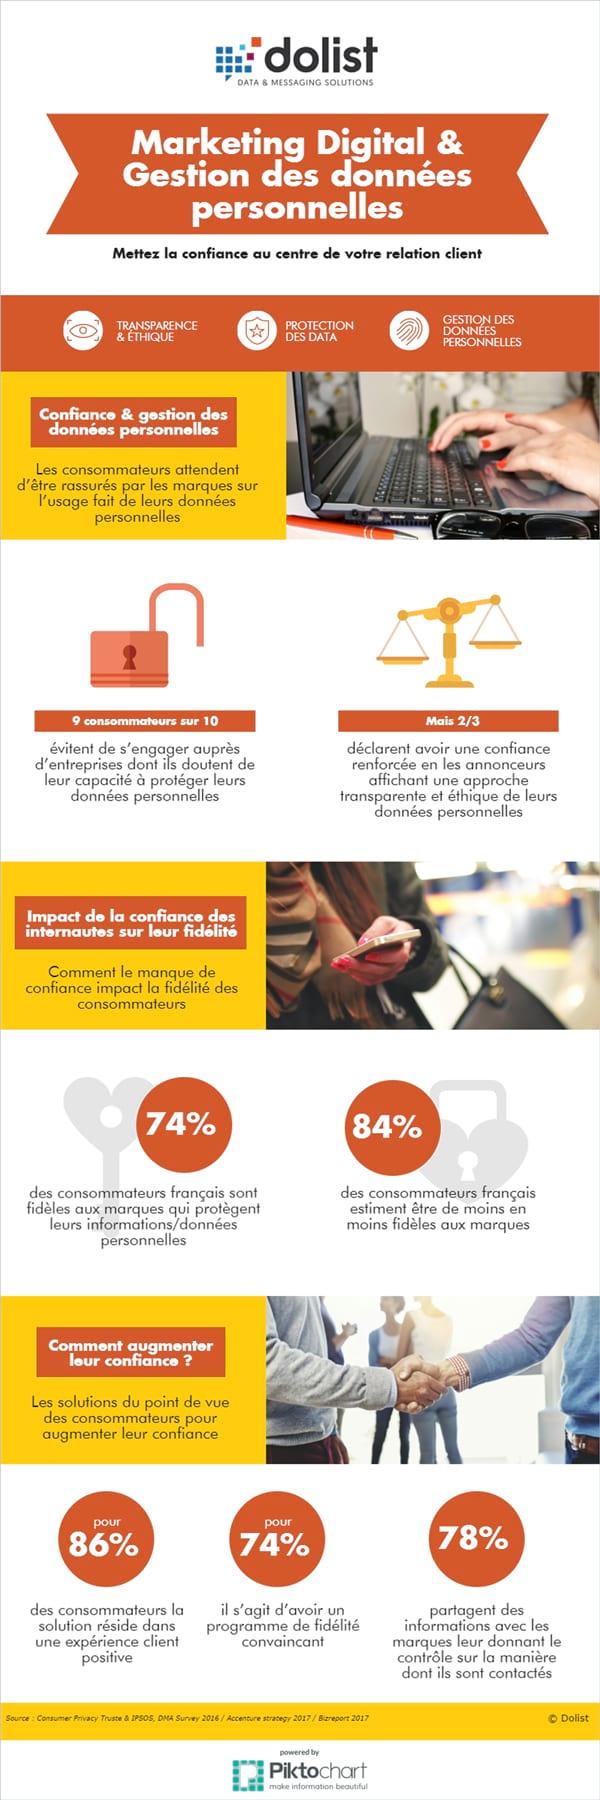 Chiffres clés : La confiance au cœur des attentes des consommateurs